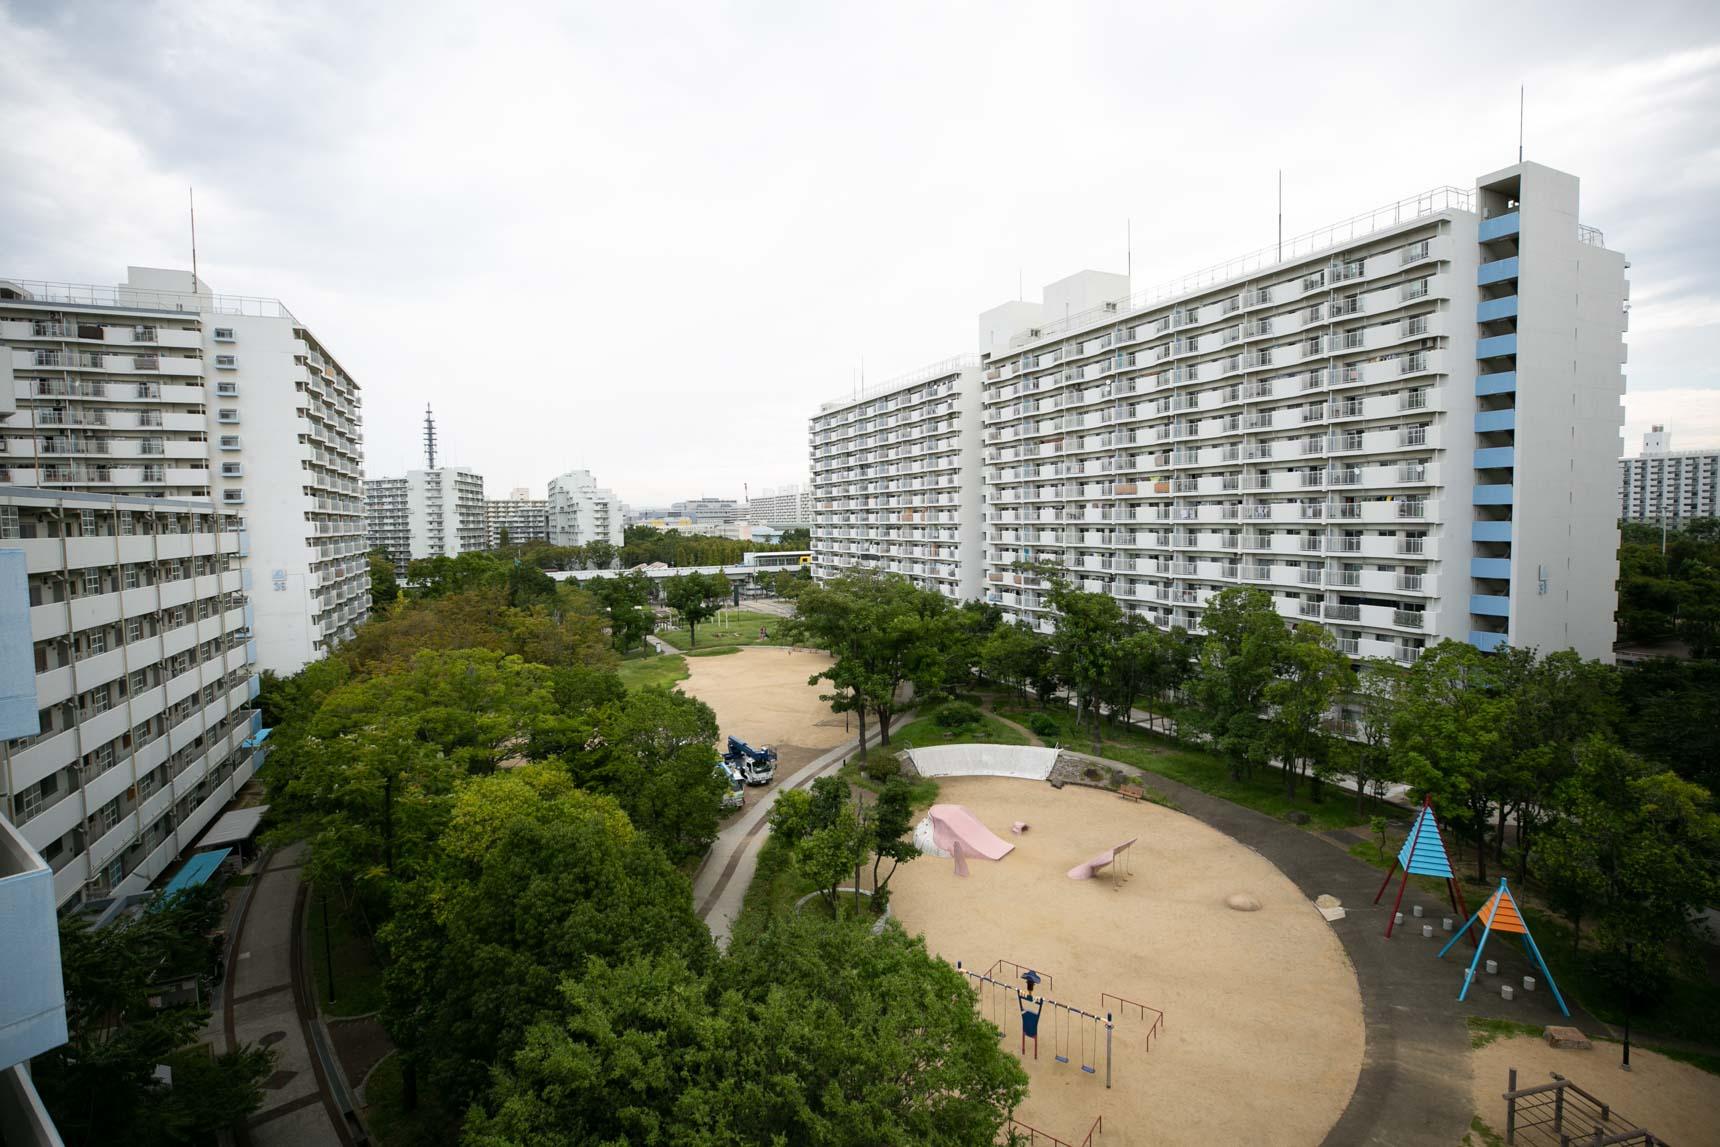 上から『南港しらなみ』の真ん中に広がる広場を見たところ。子どもたちが遊ぶには十分なスペースのあるプレイロットが、いくつも作られています。